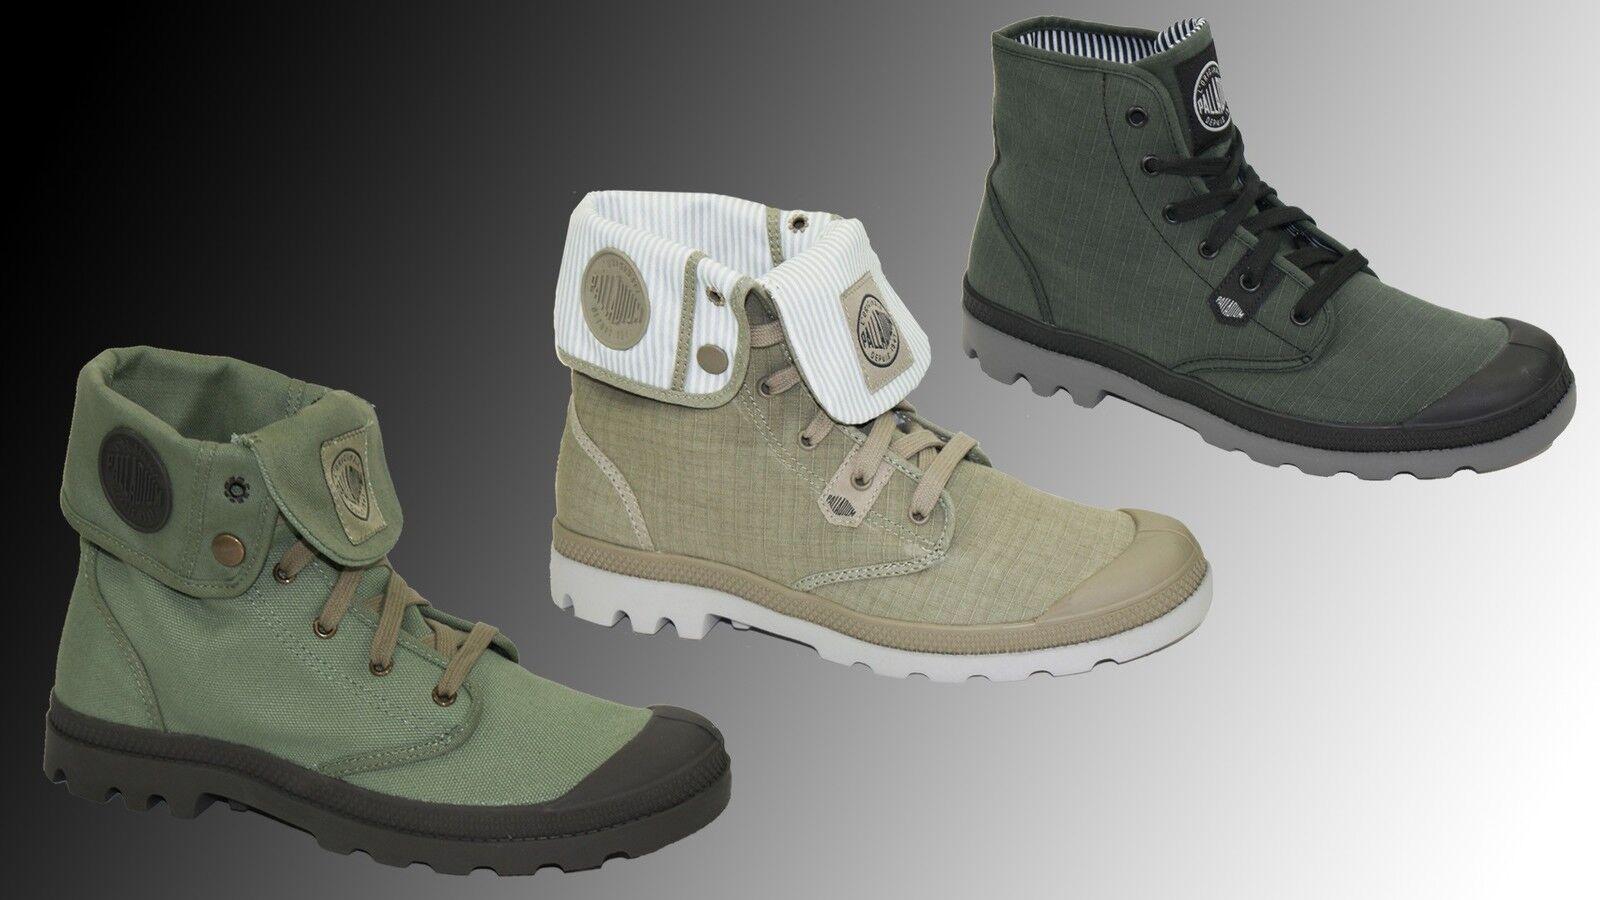 Grandes descuentos nuevos zapatos Skechers señores Training zapatos elite Flex 52640